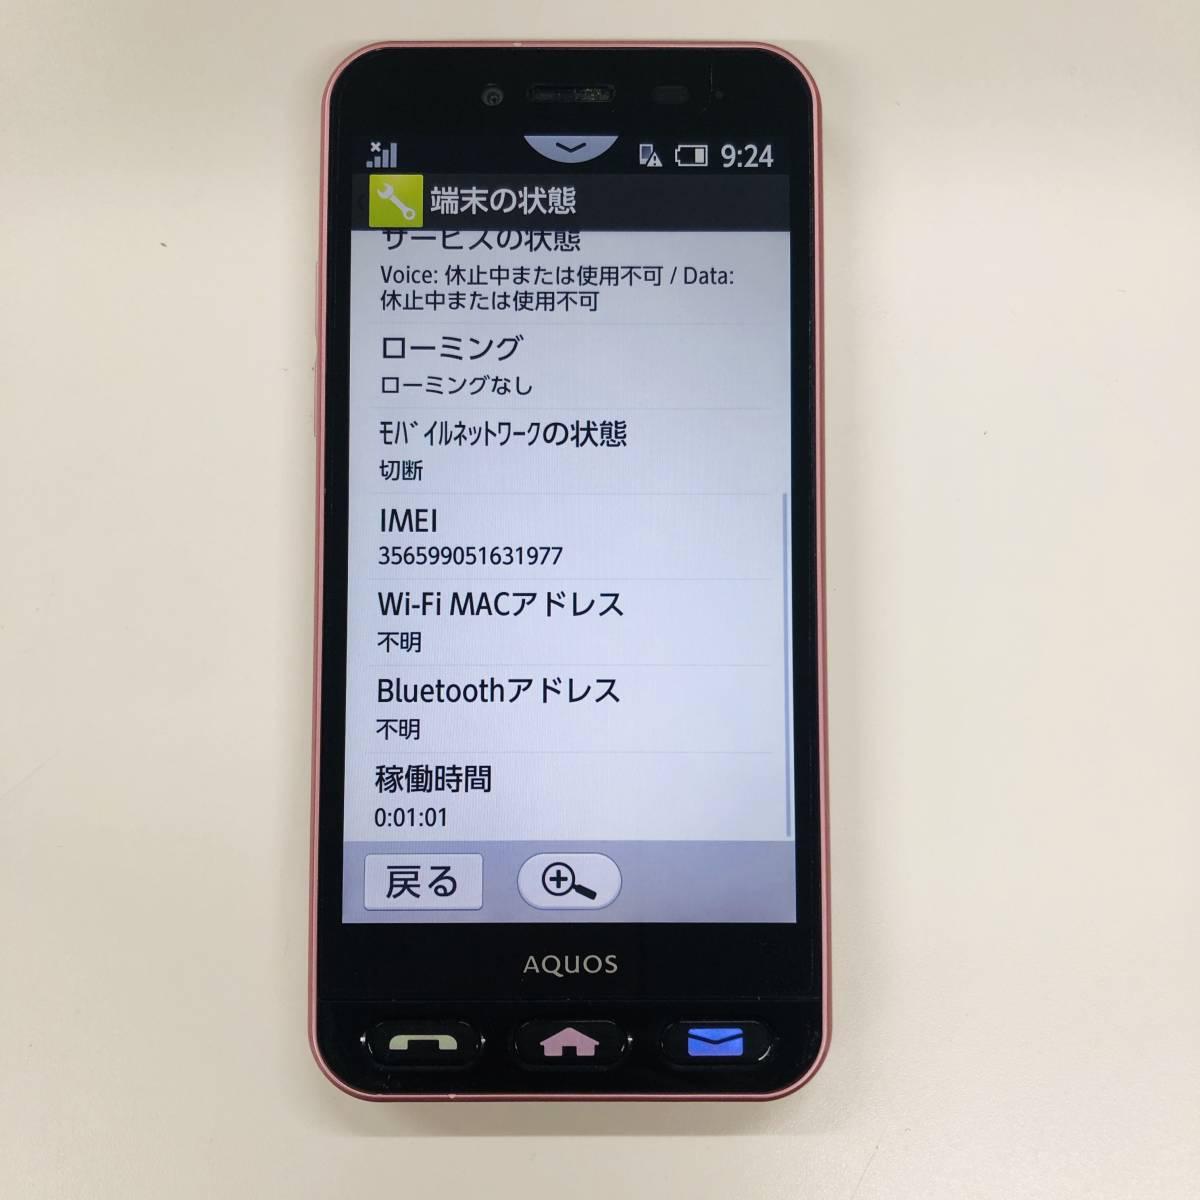 (391)FP036277【送料無料】SHARP/シンプルスマホ2/401SH/Softbank/ピンク/ 白ロム/ Androidスマホ 【中古品】_画像3